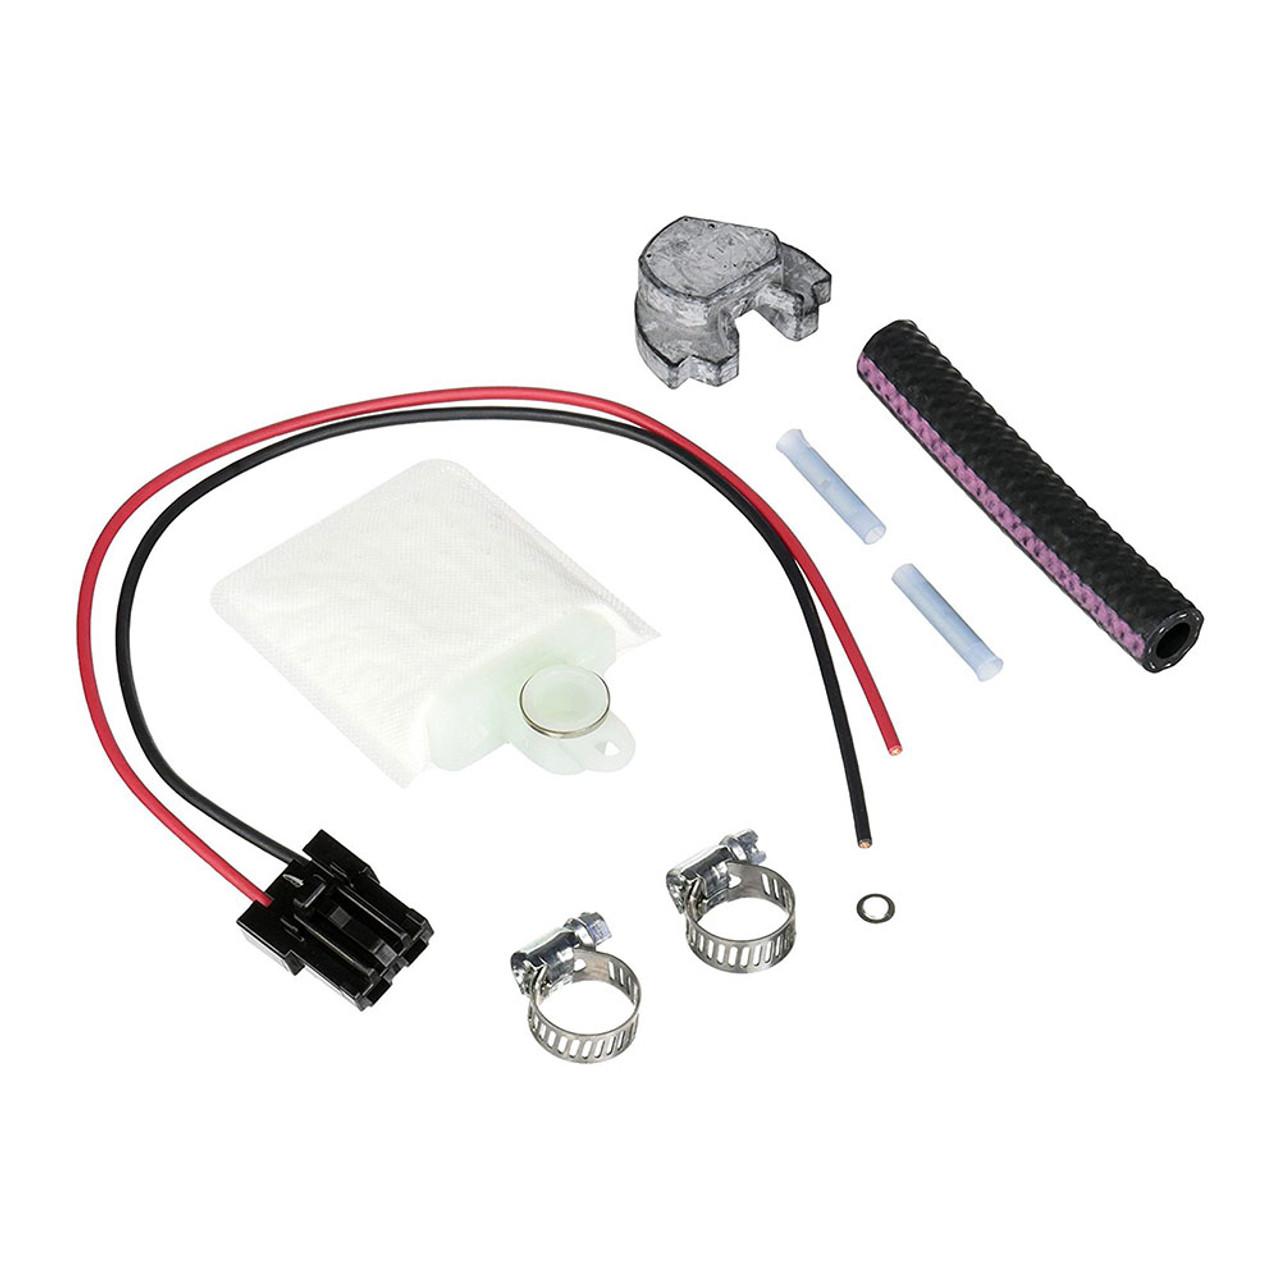 hight resolution of walbro 400 846 fuel pump installation kit honda s2000 2000